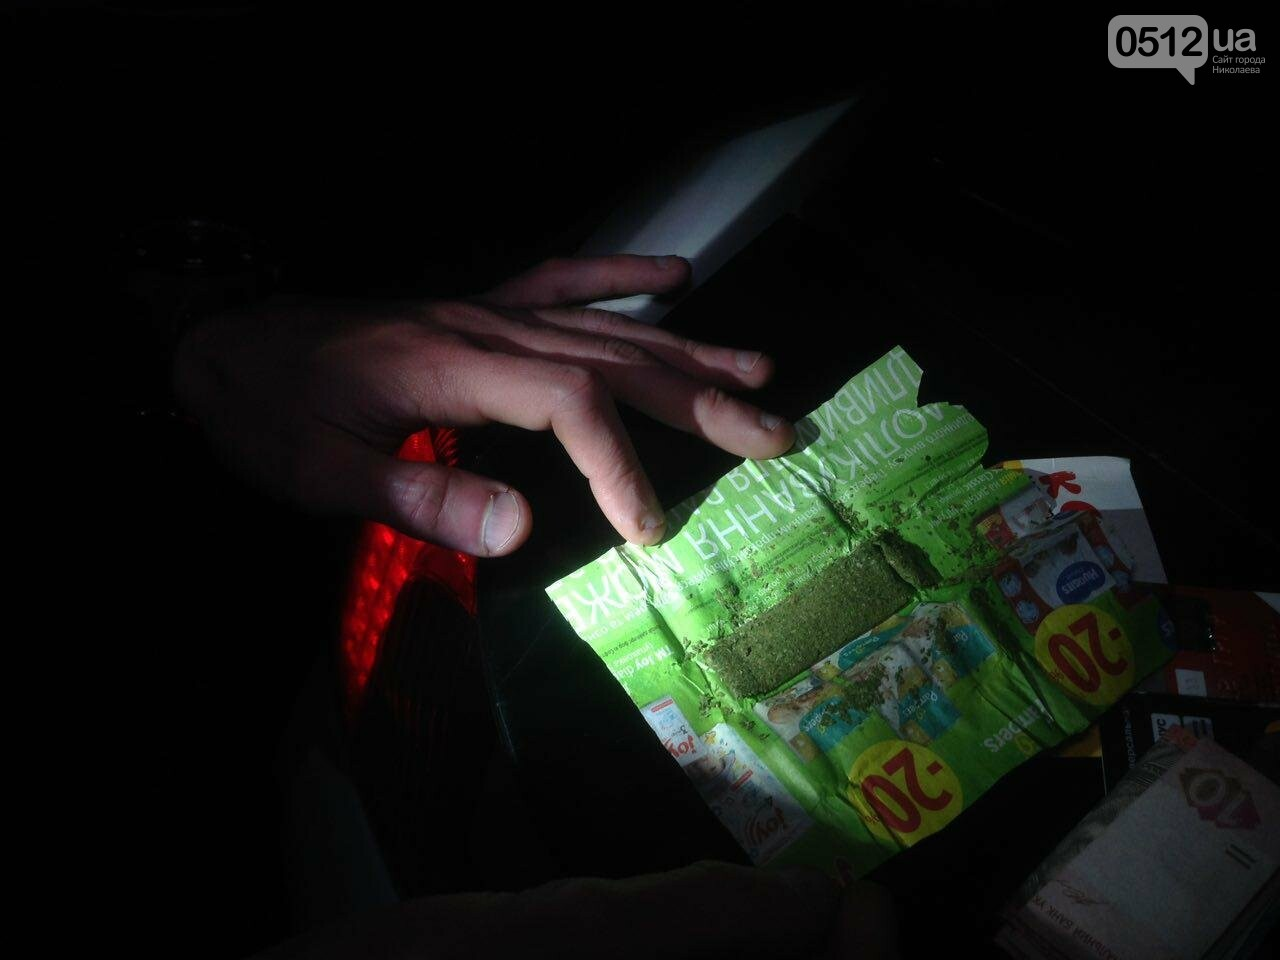 В Николаеве патрульные задержали компанию парней, куривших коноплю в парке возле яхт-клуба, - ФОТО, фото-2